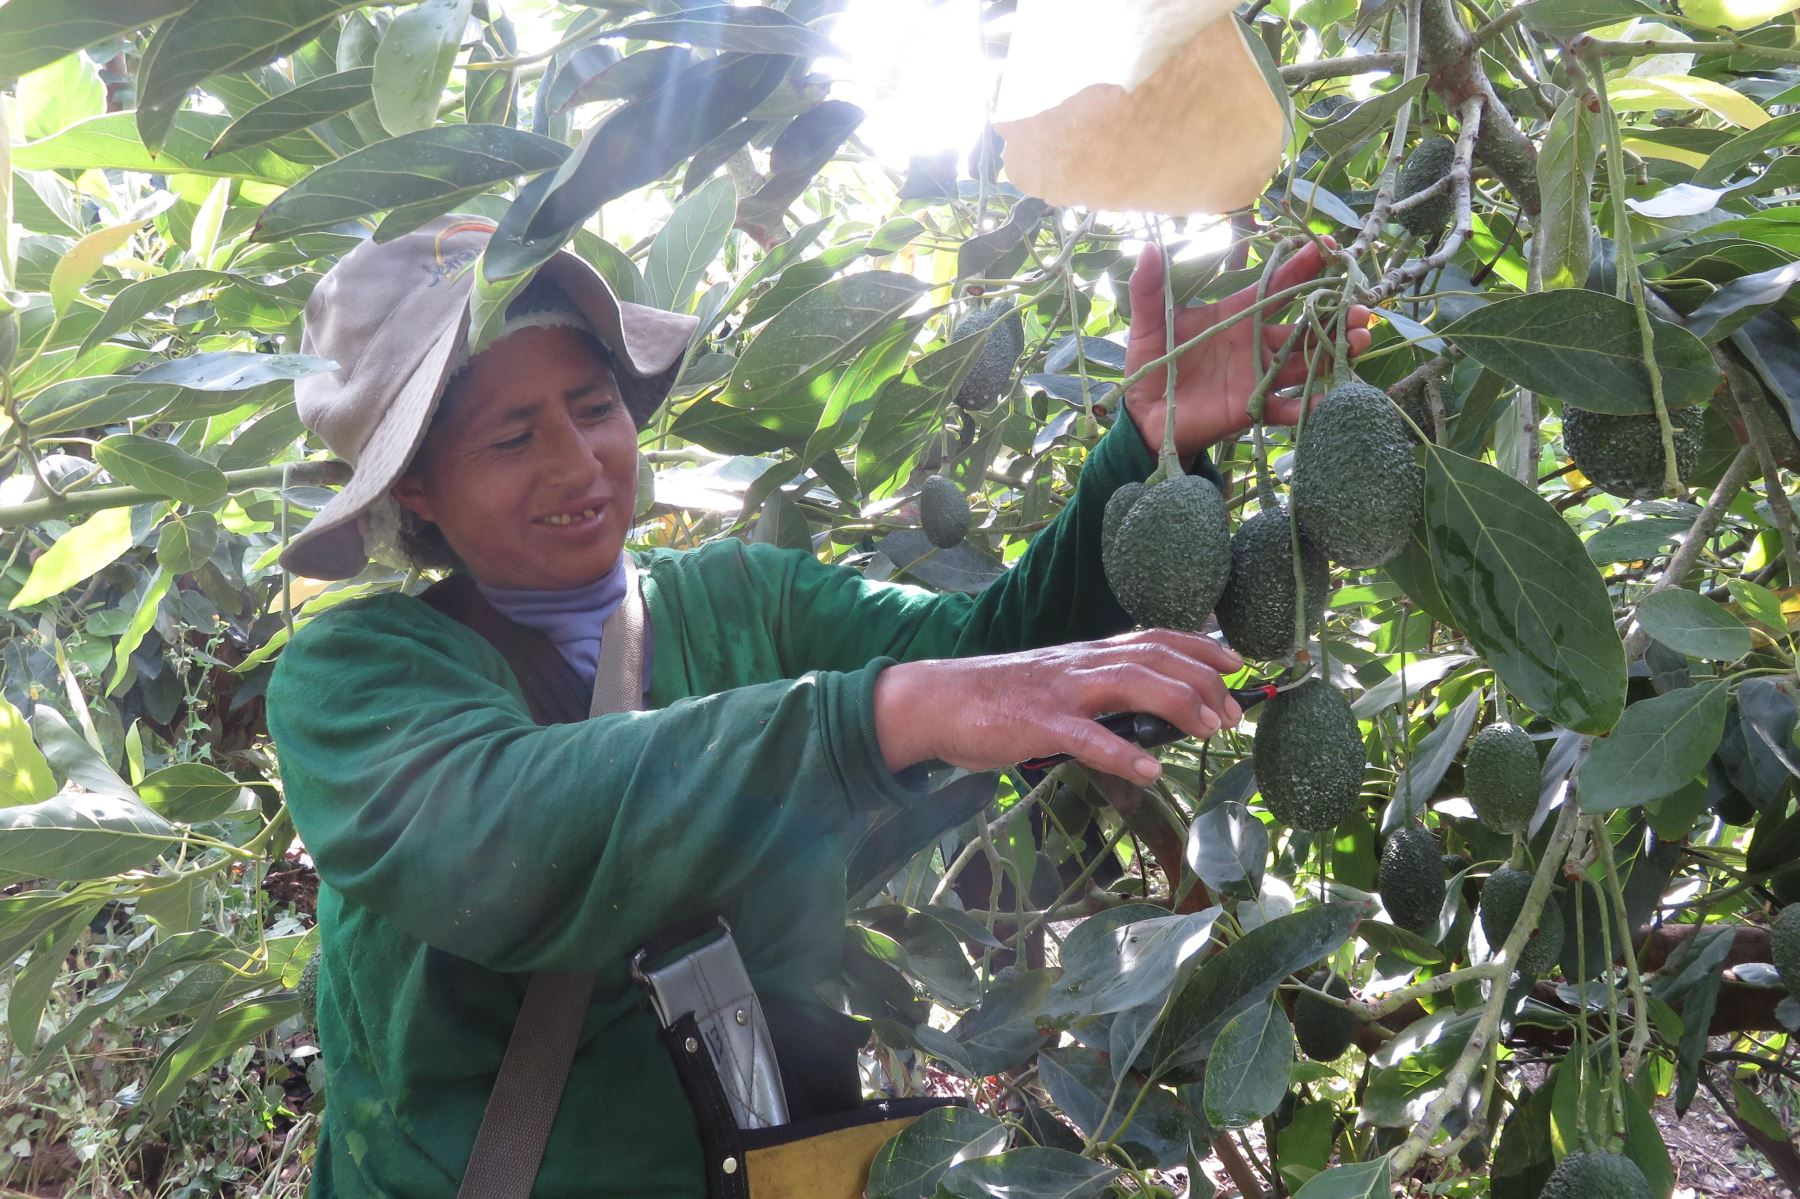 Productores de 143 zonas de producción que cubren casi nueve mil hectáreas de palta Hass de la región La Libertad, se encuentran listos para aprovechar y cumplir los requisitos a fin de ingresar sus productos al nuevo mercado asiático de Tailandia, informó el Ministerio de Agricultura y Riego (Minagri).ANDINA